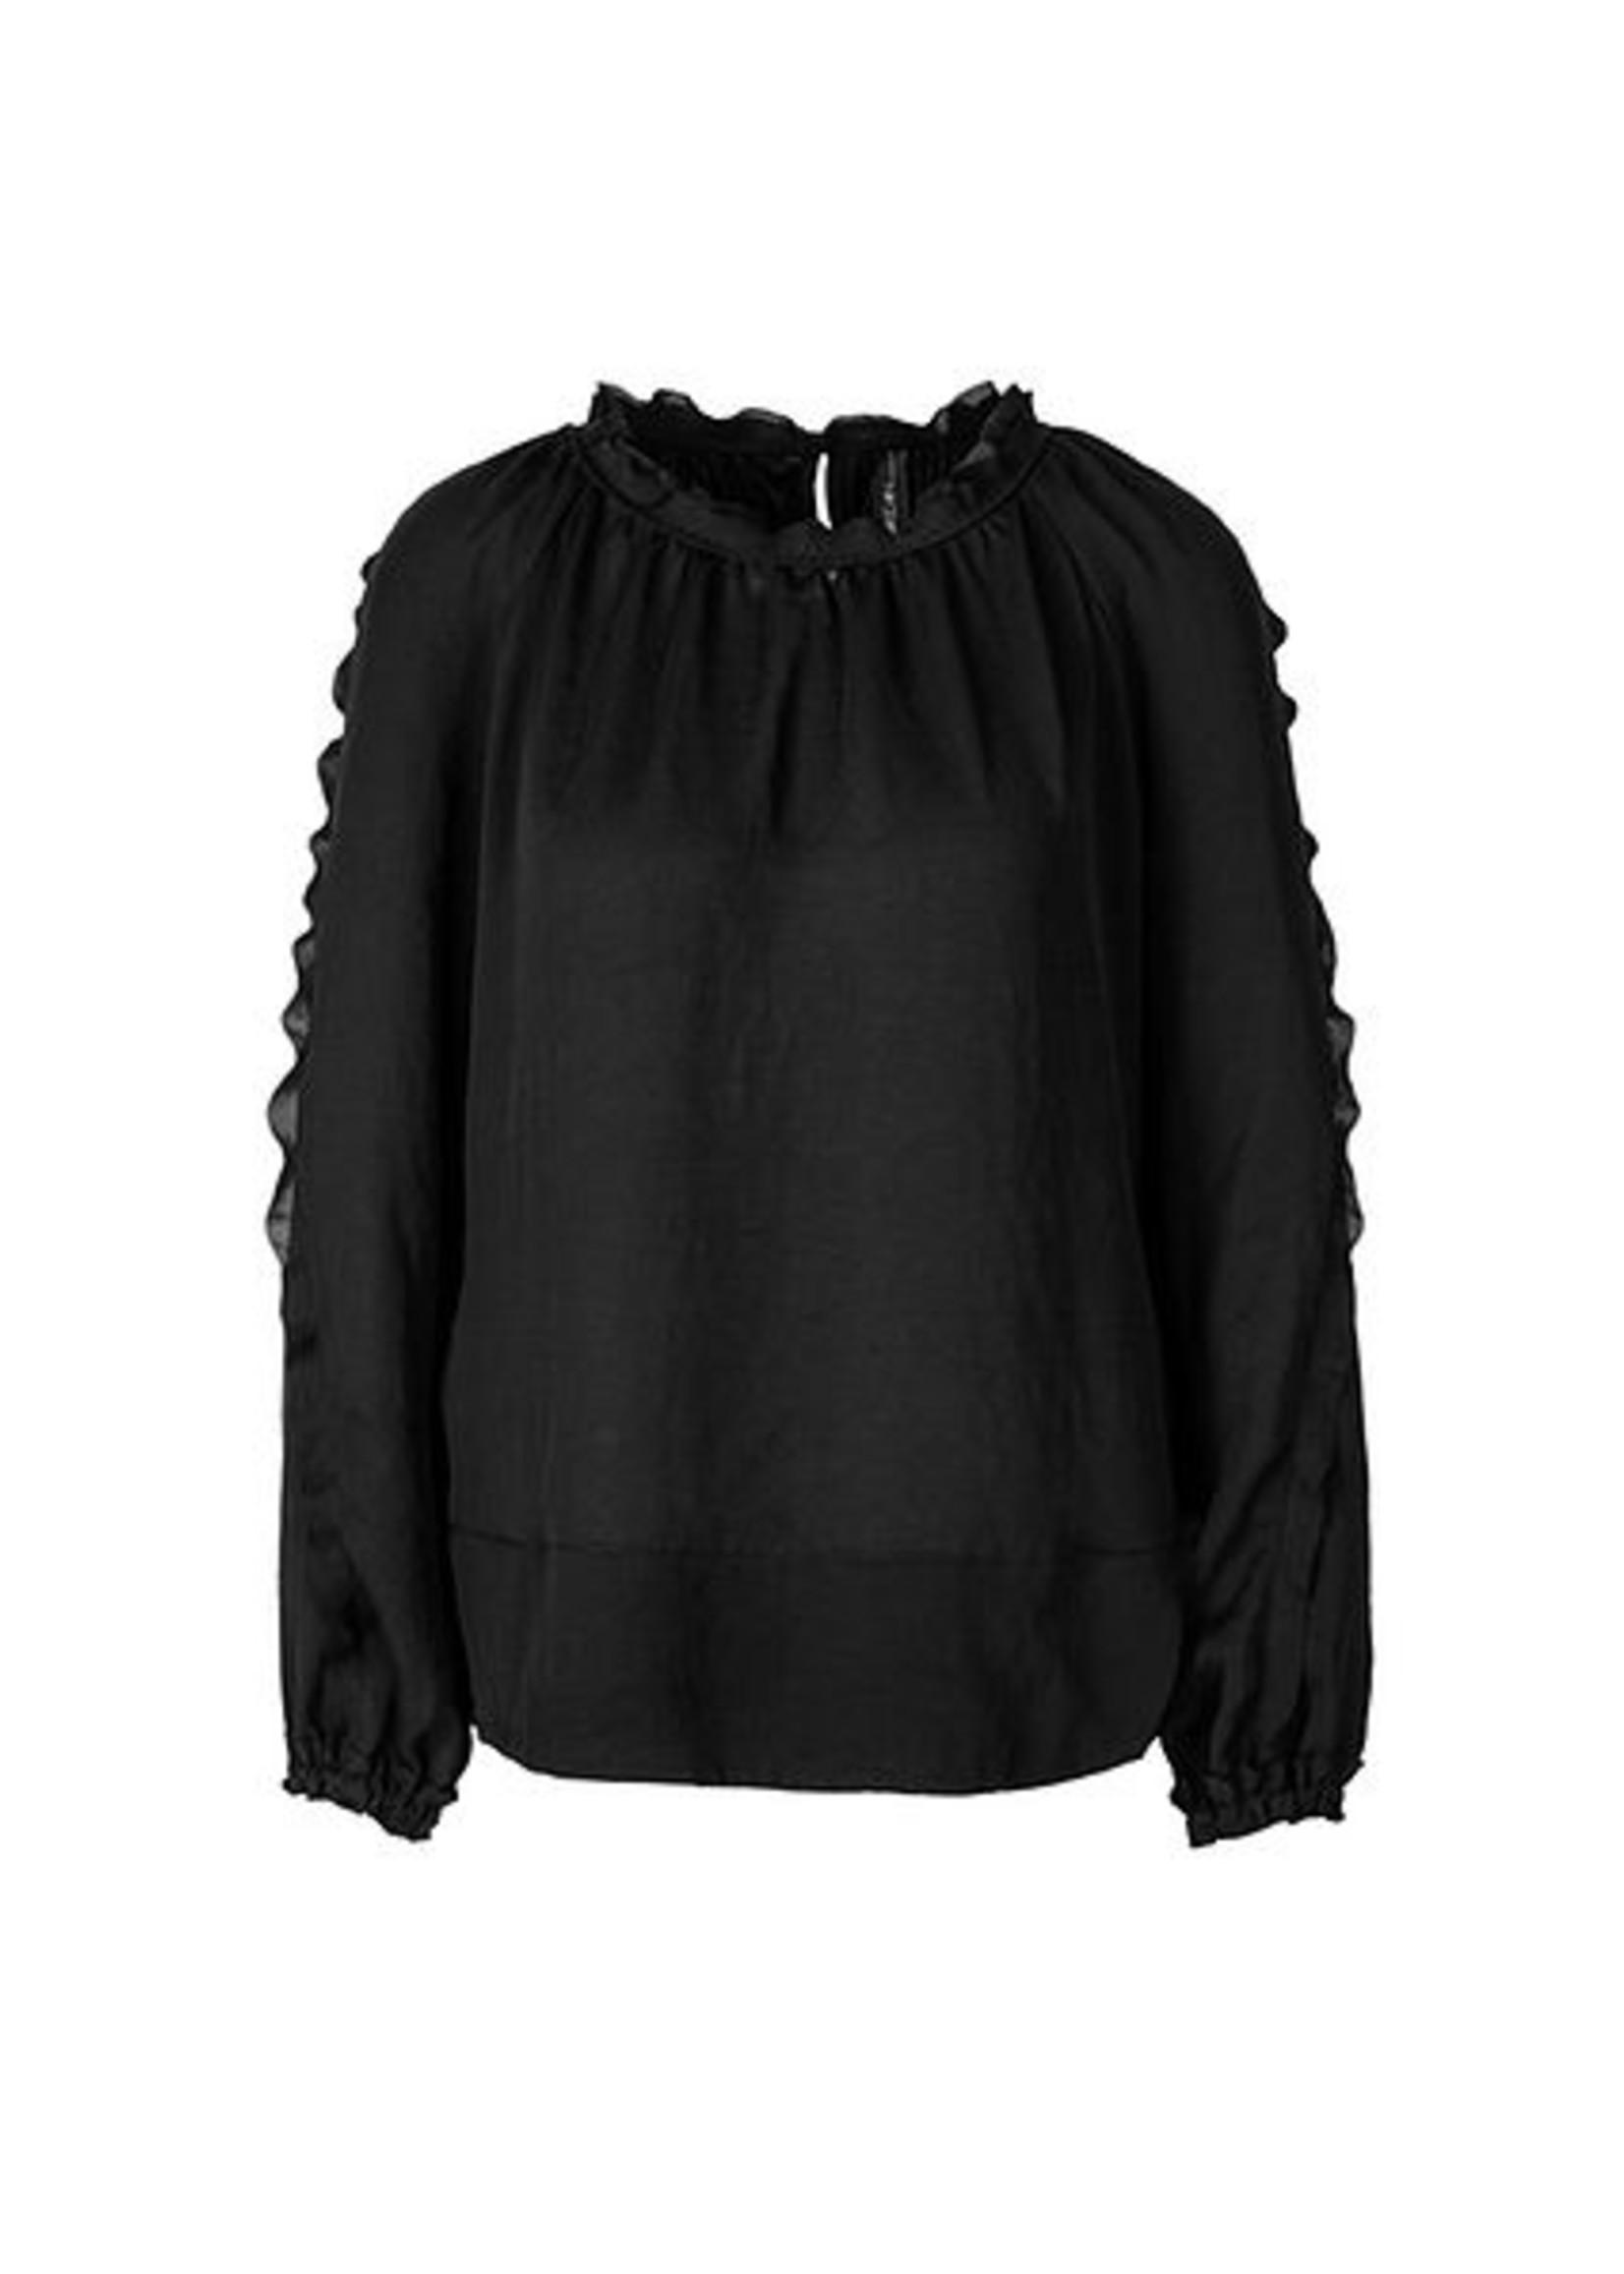 Blouse RA 55.01 J76 black